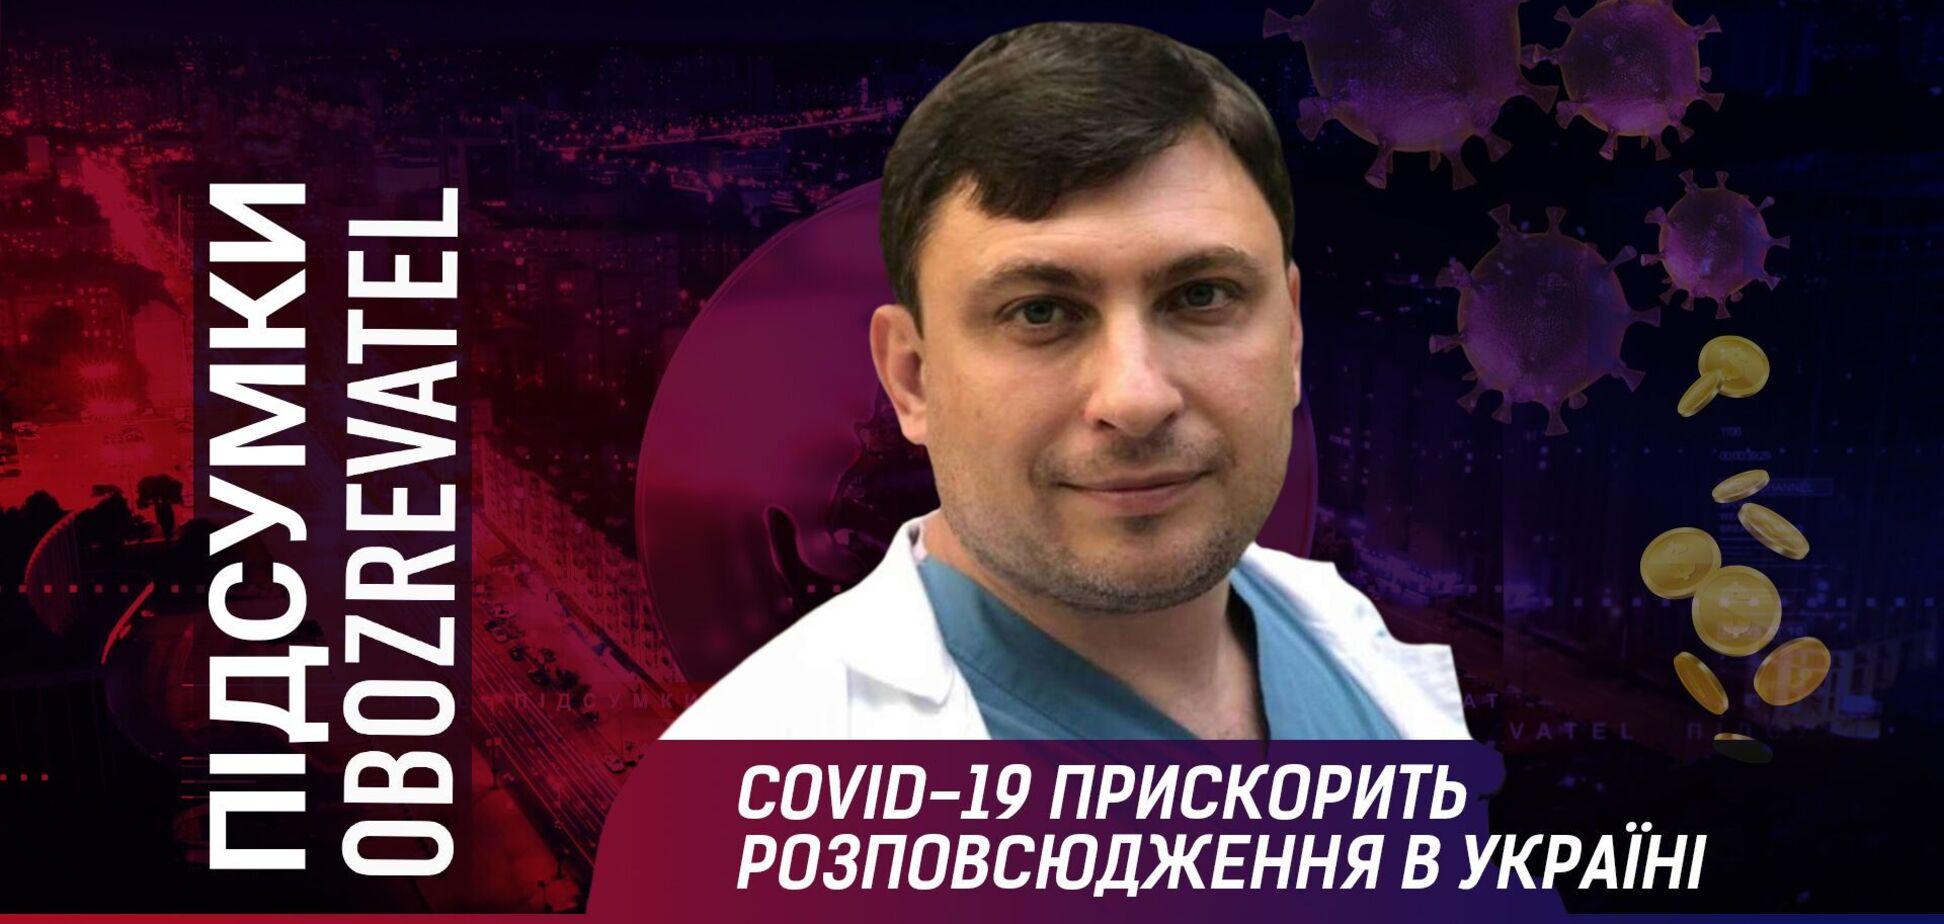 Врач из Израиля: COVID-19 ускорится в Украине